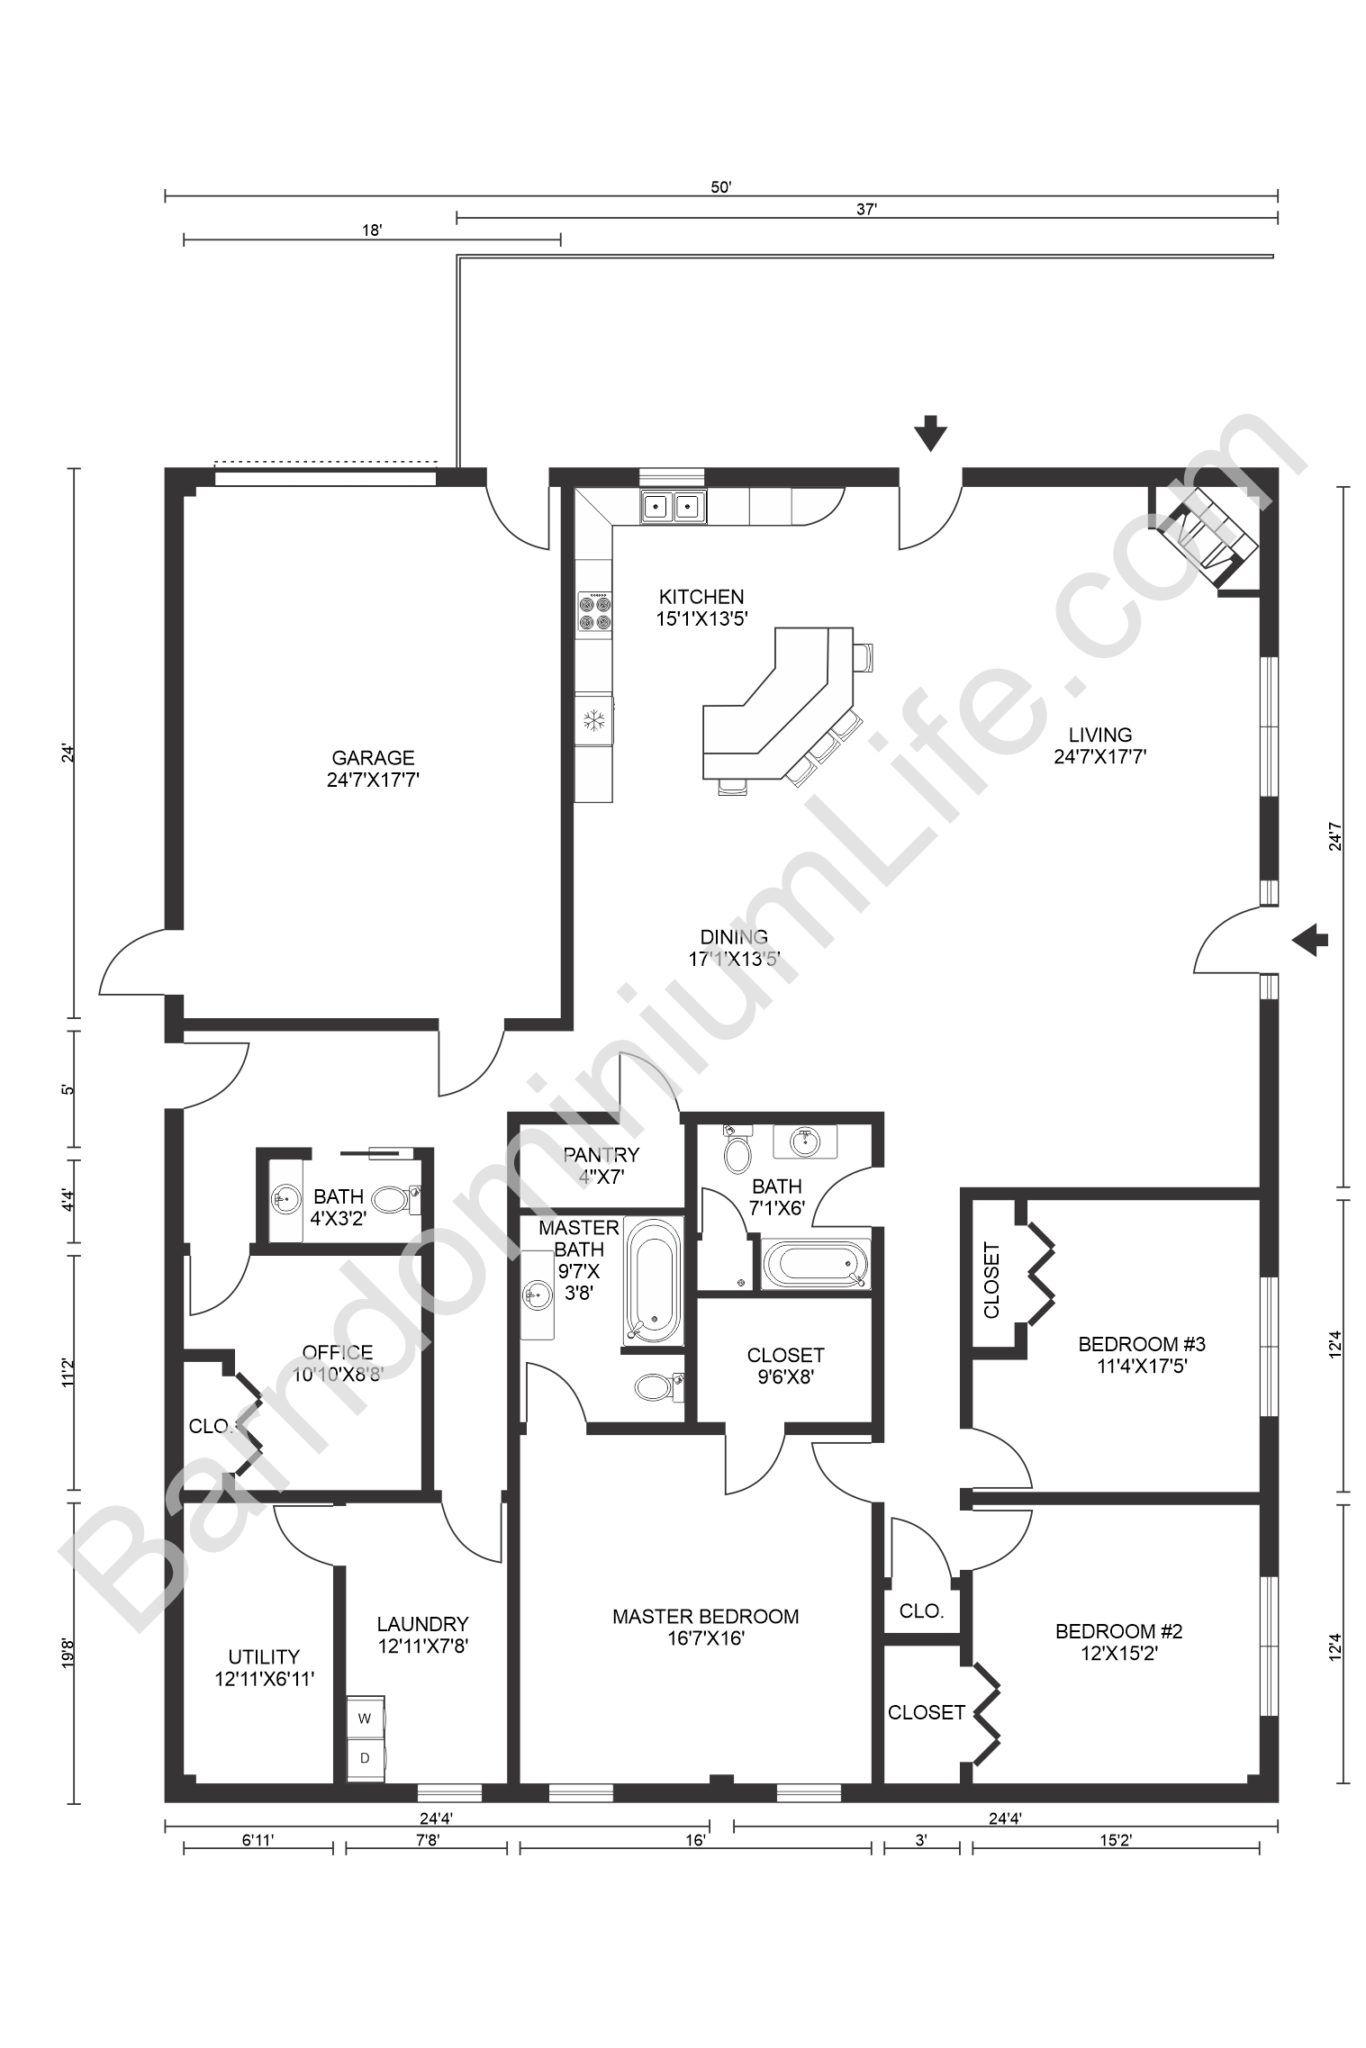 8 Inspiring Barndominium Floor Plans With Garage In 2020 Barndominium Floor Plans Floor Plans Barn Homes Floor Plans